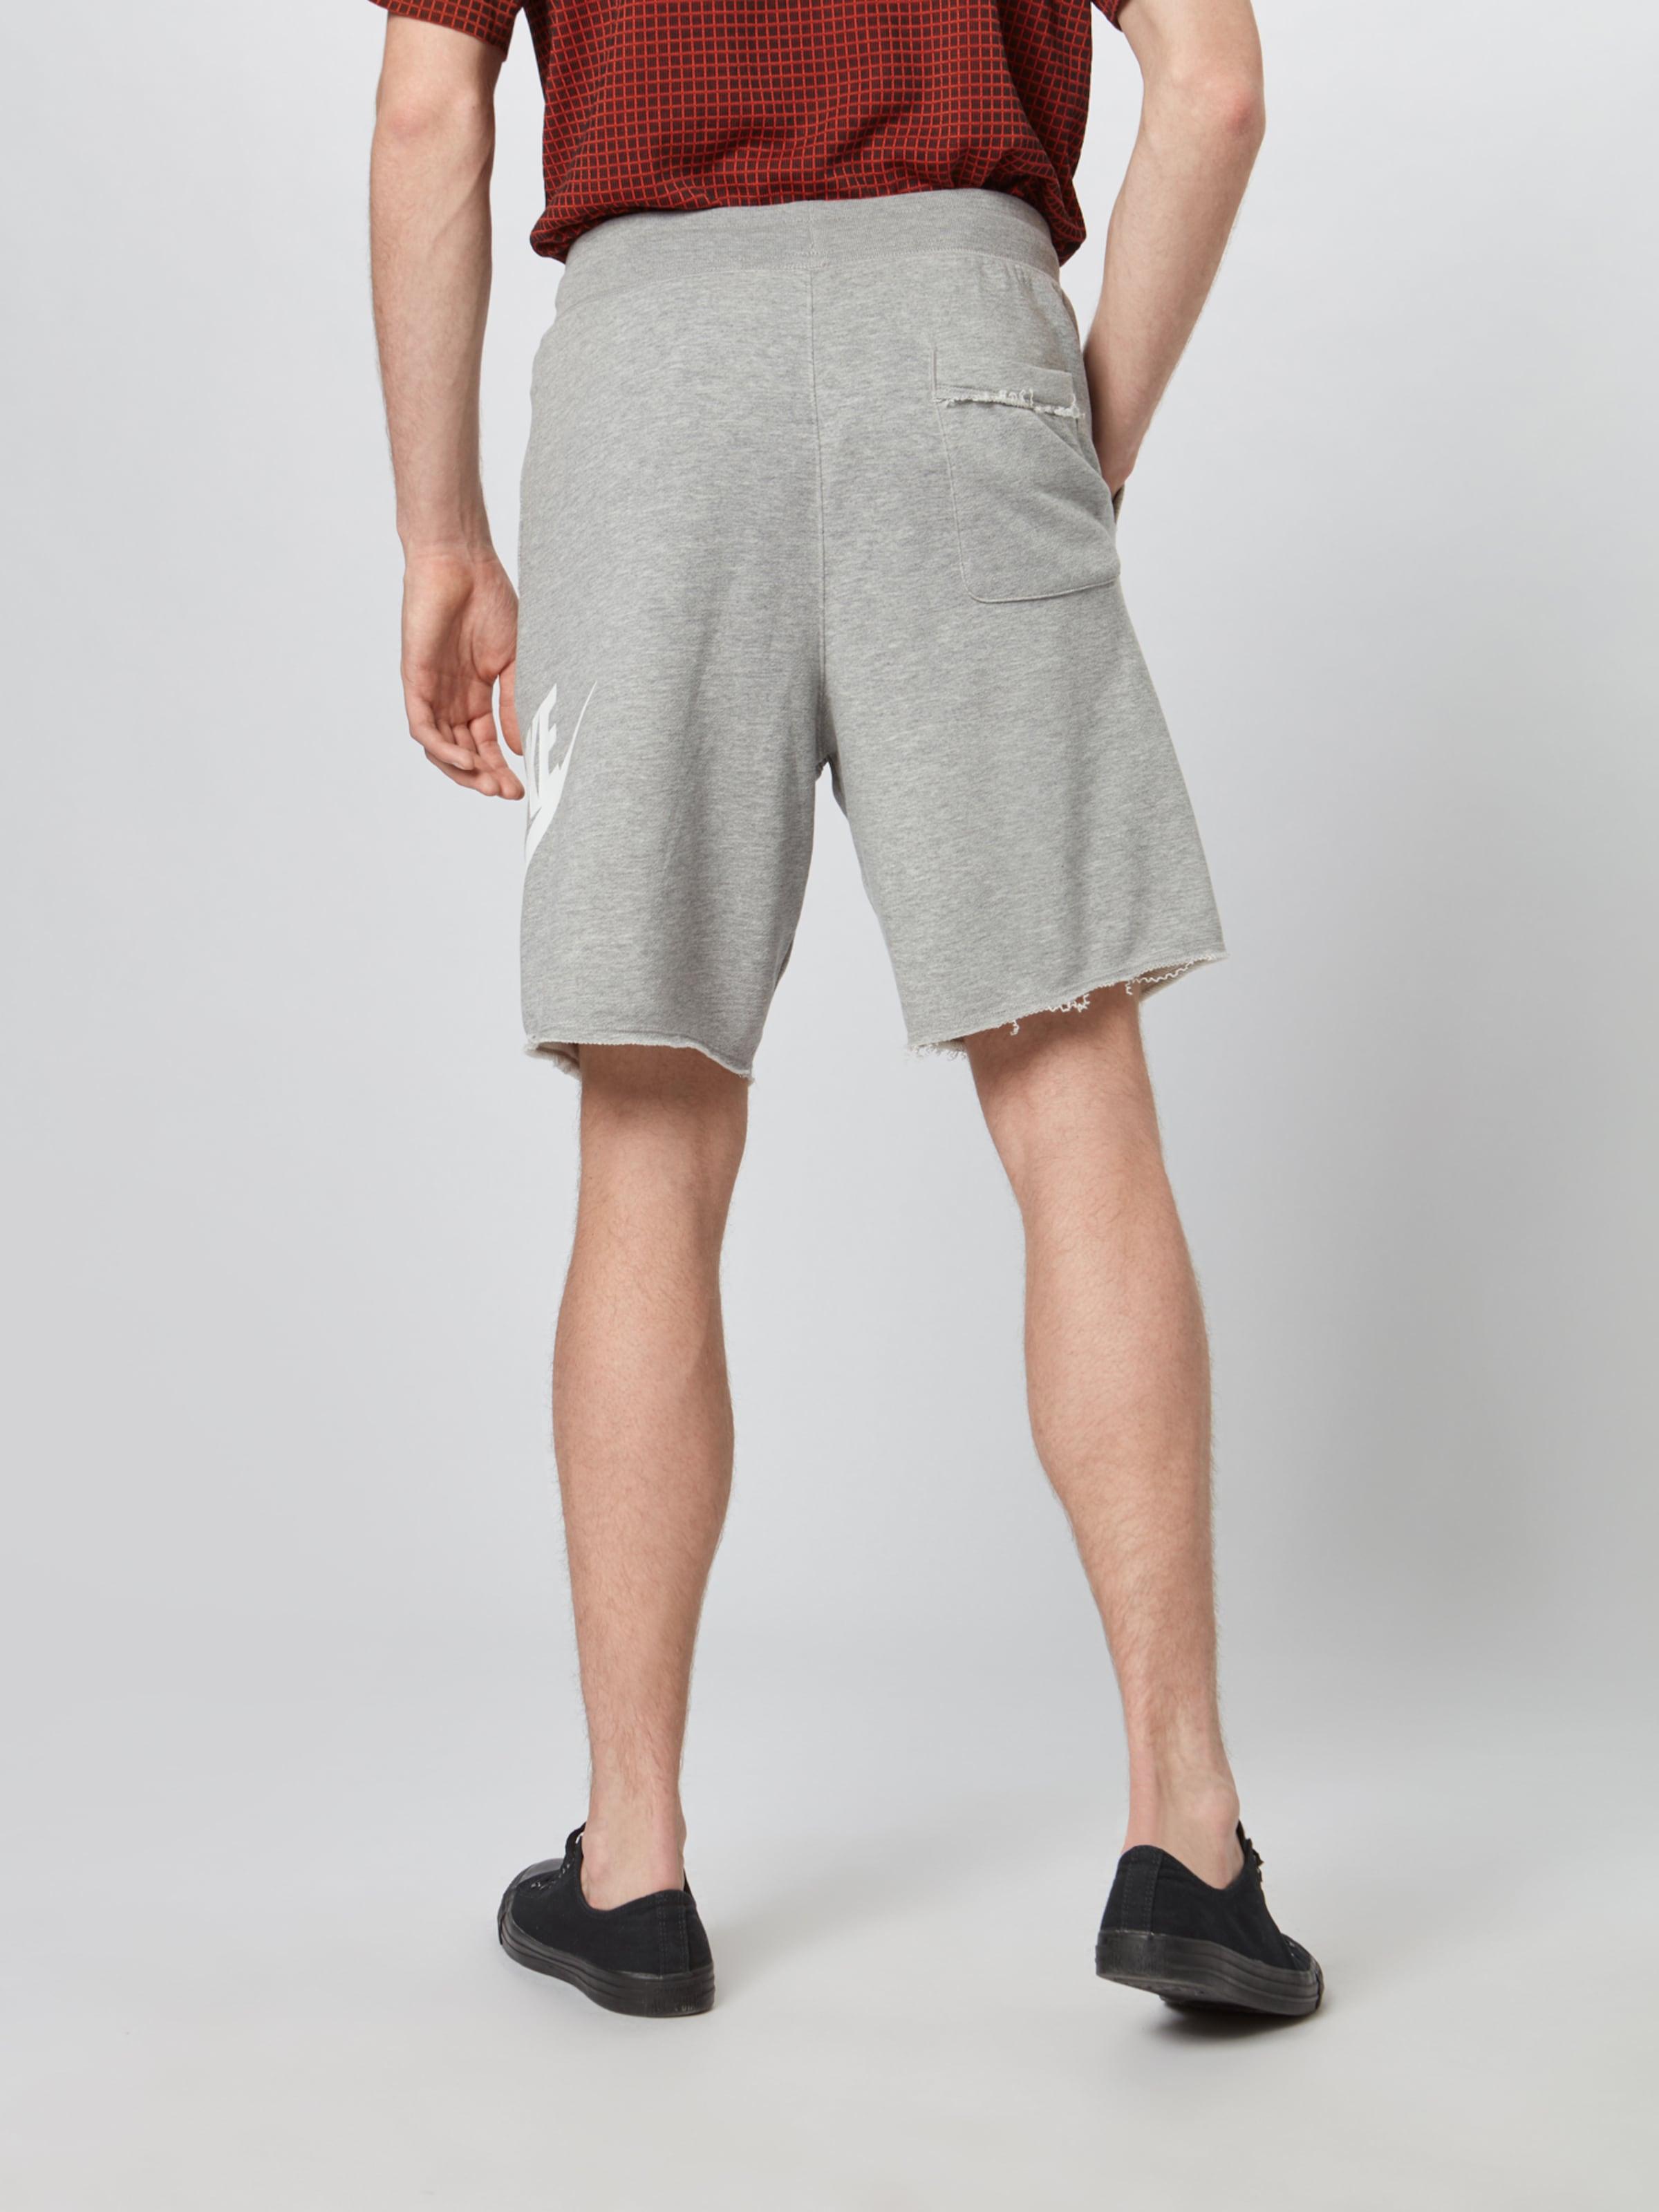 Shorts In Nike GraumeliertWeiß Sportswear Nike Sportswear In Shorts iulkwOXTPZ